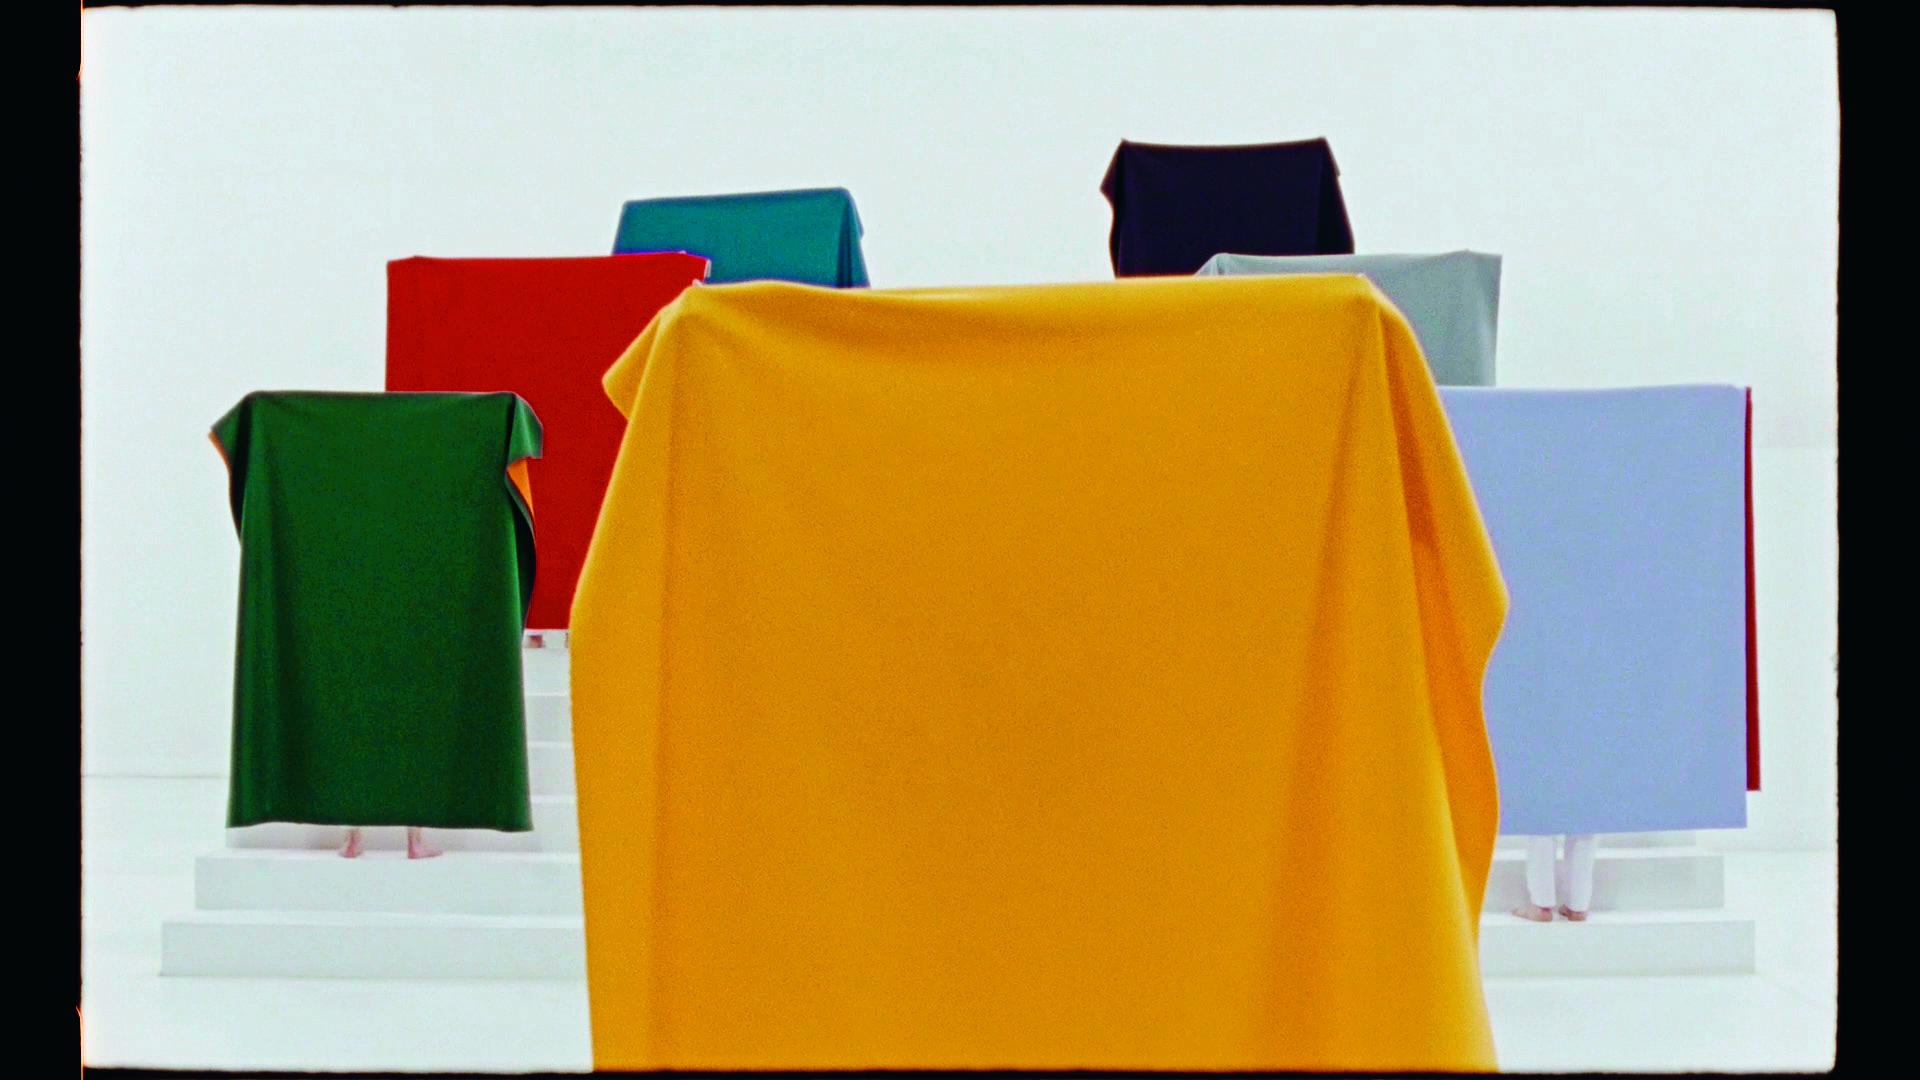 ©Ulla von Brandenburg, It Has a Golden Sun and an Elderly Grey Moon, 2016 (photogramme) film super 16 mm transféré sur hd vidéo, couleur, son, 22 min 25 sec  Courtesy de l'artiste, Art : Concept (Paris); Meyer Riegger (Berlin/Karlsruhe); Pilar Corrias Gallery (Londres) et Produzentengalerie Hamburg